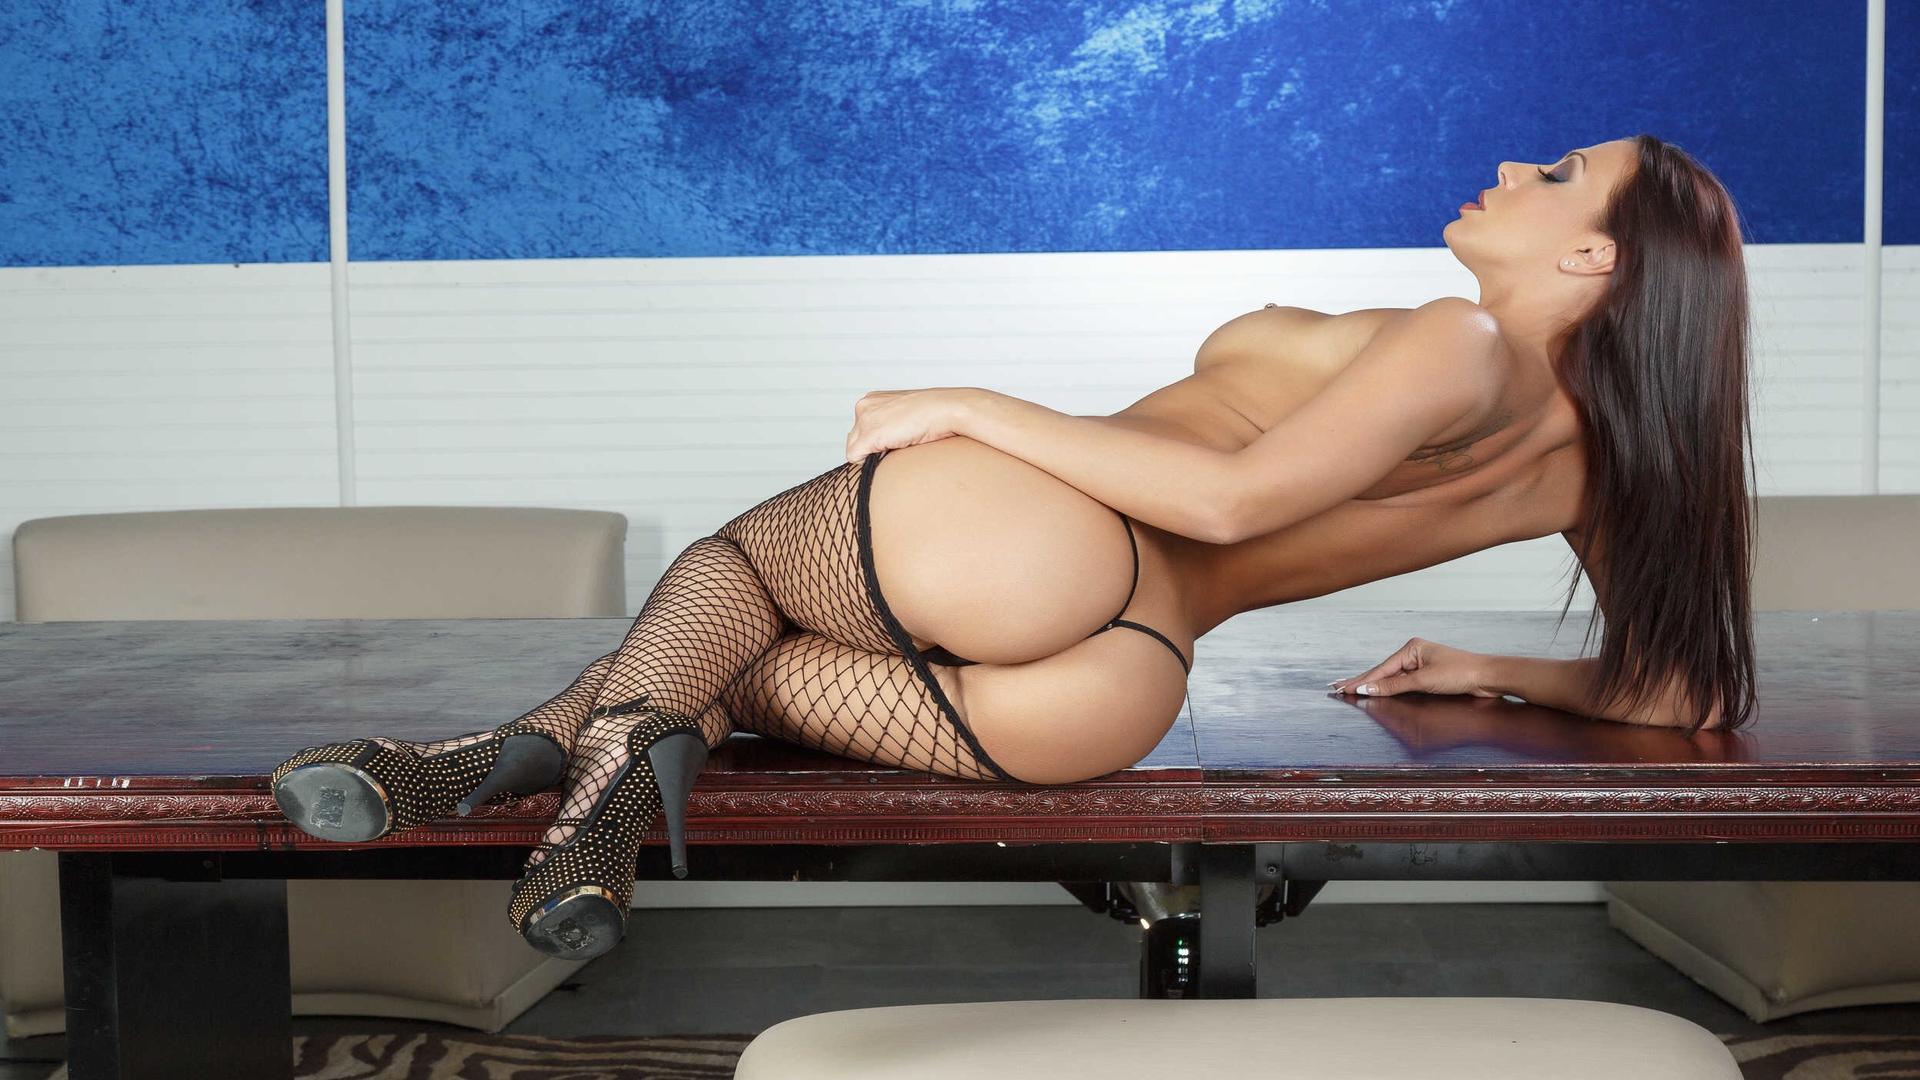 anal-whores-sexy-rachel-jolie